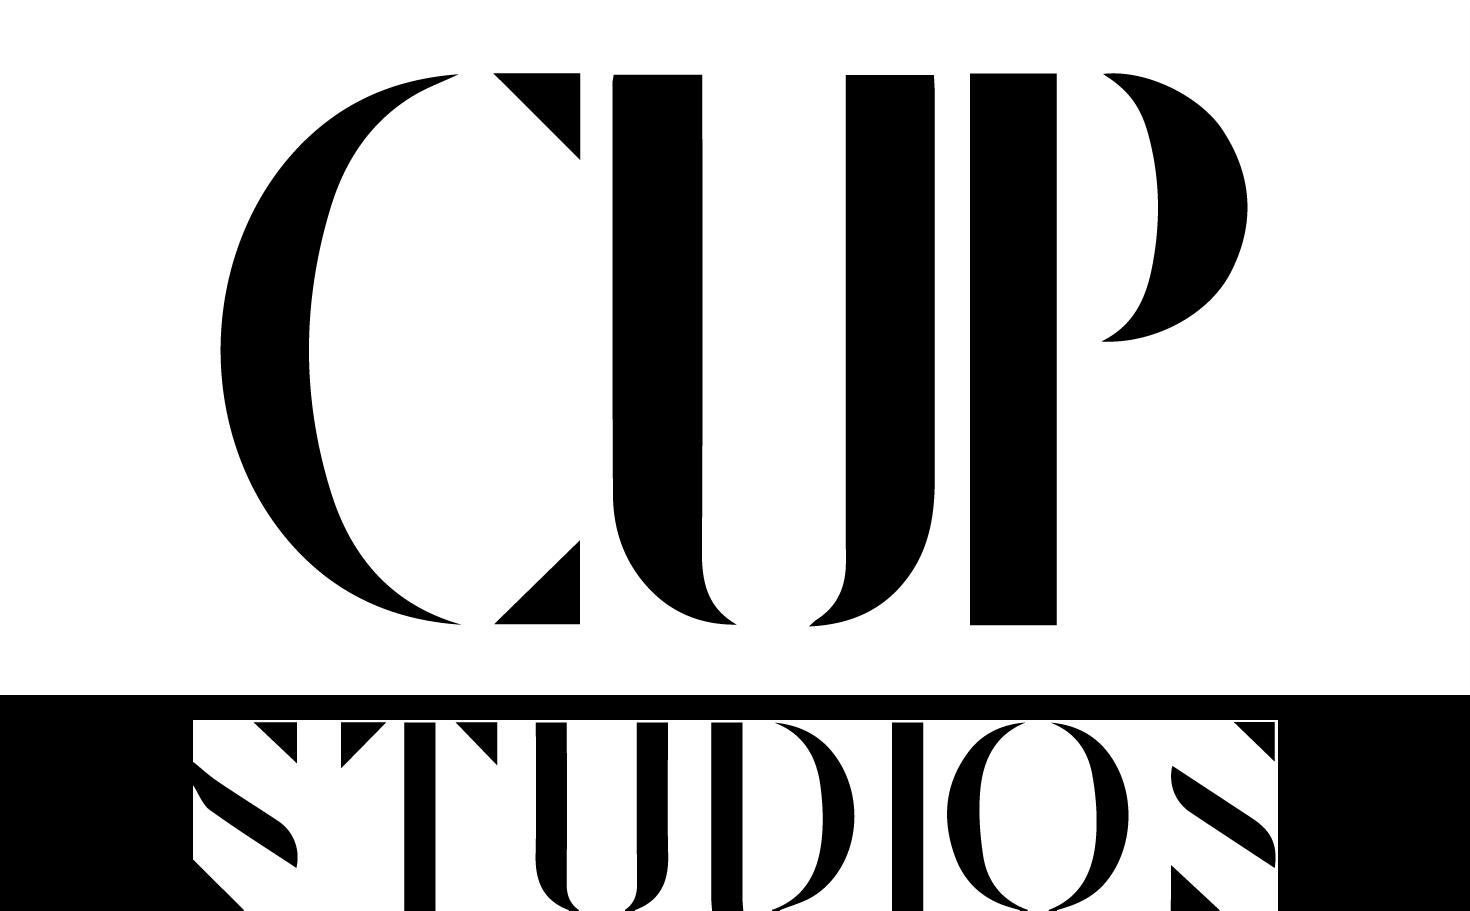 CUP Studios